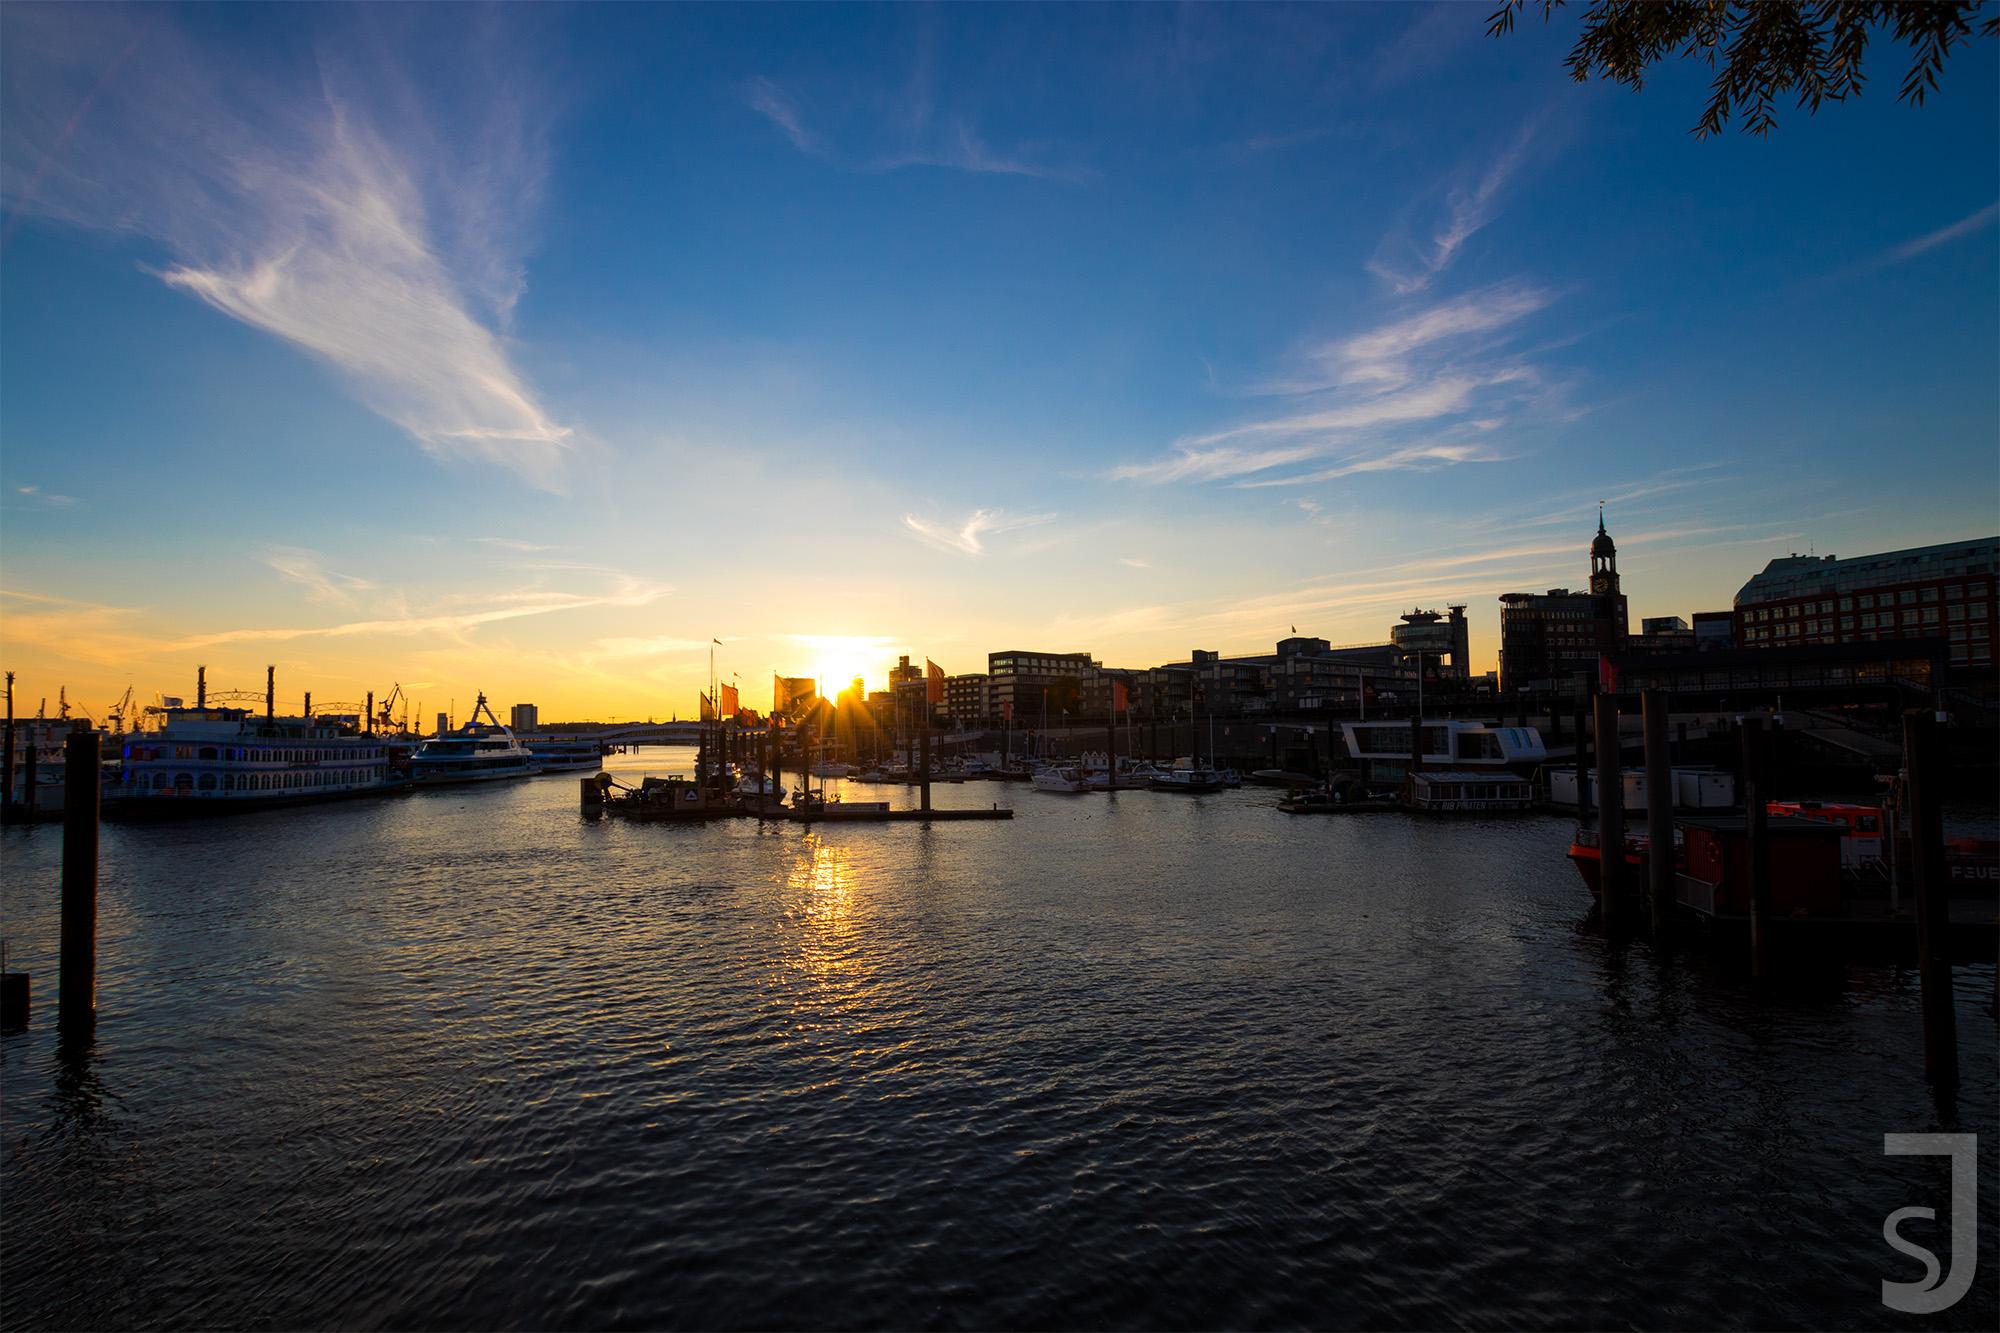 Sonnenuntergang Hafen (Sonne), Hamburg